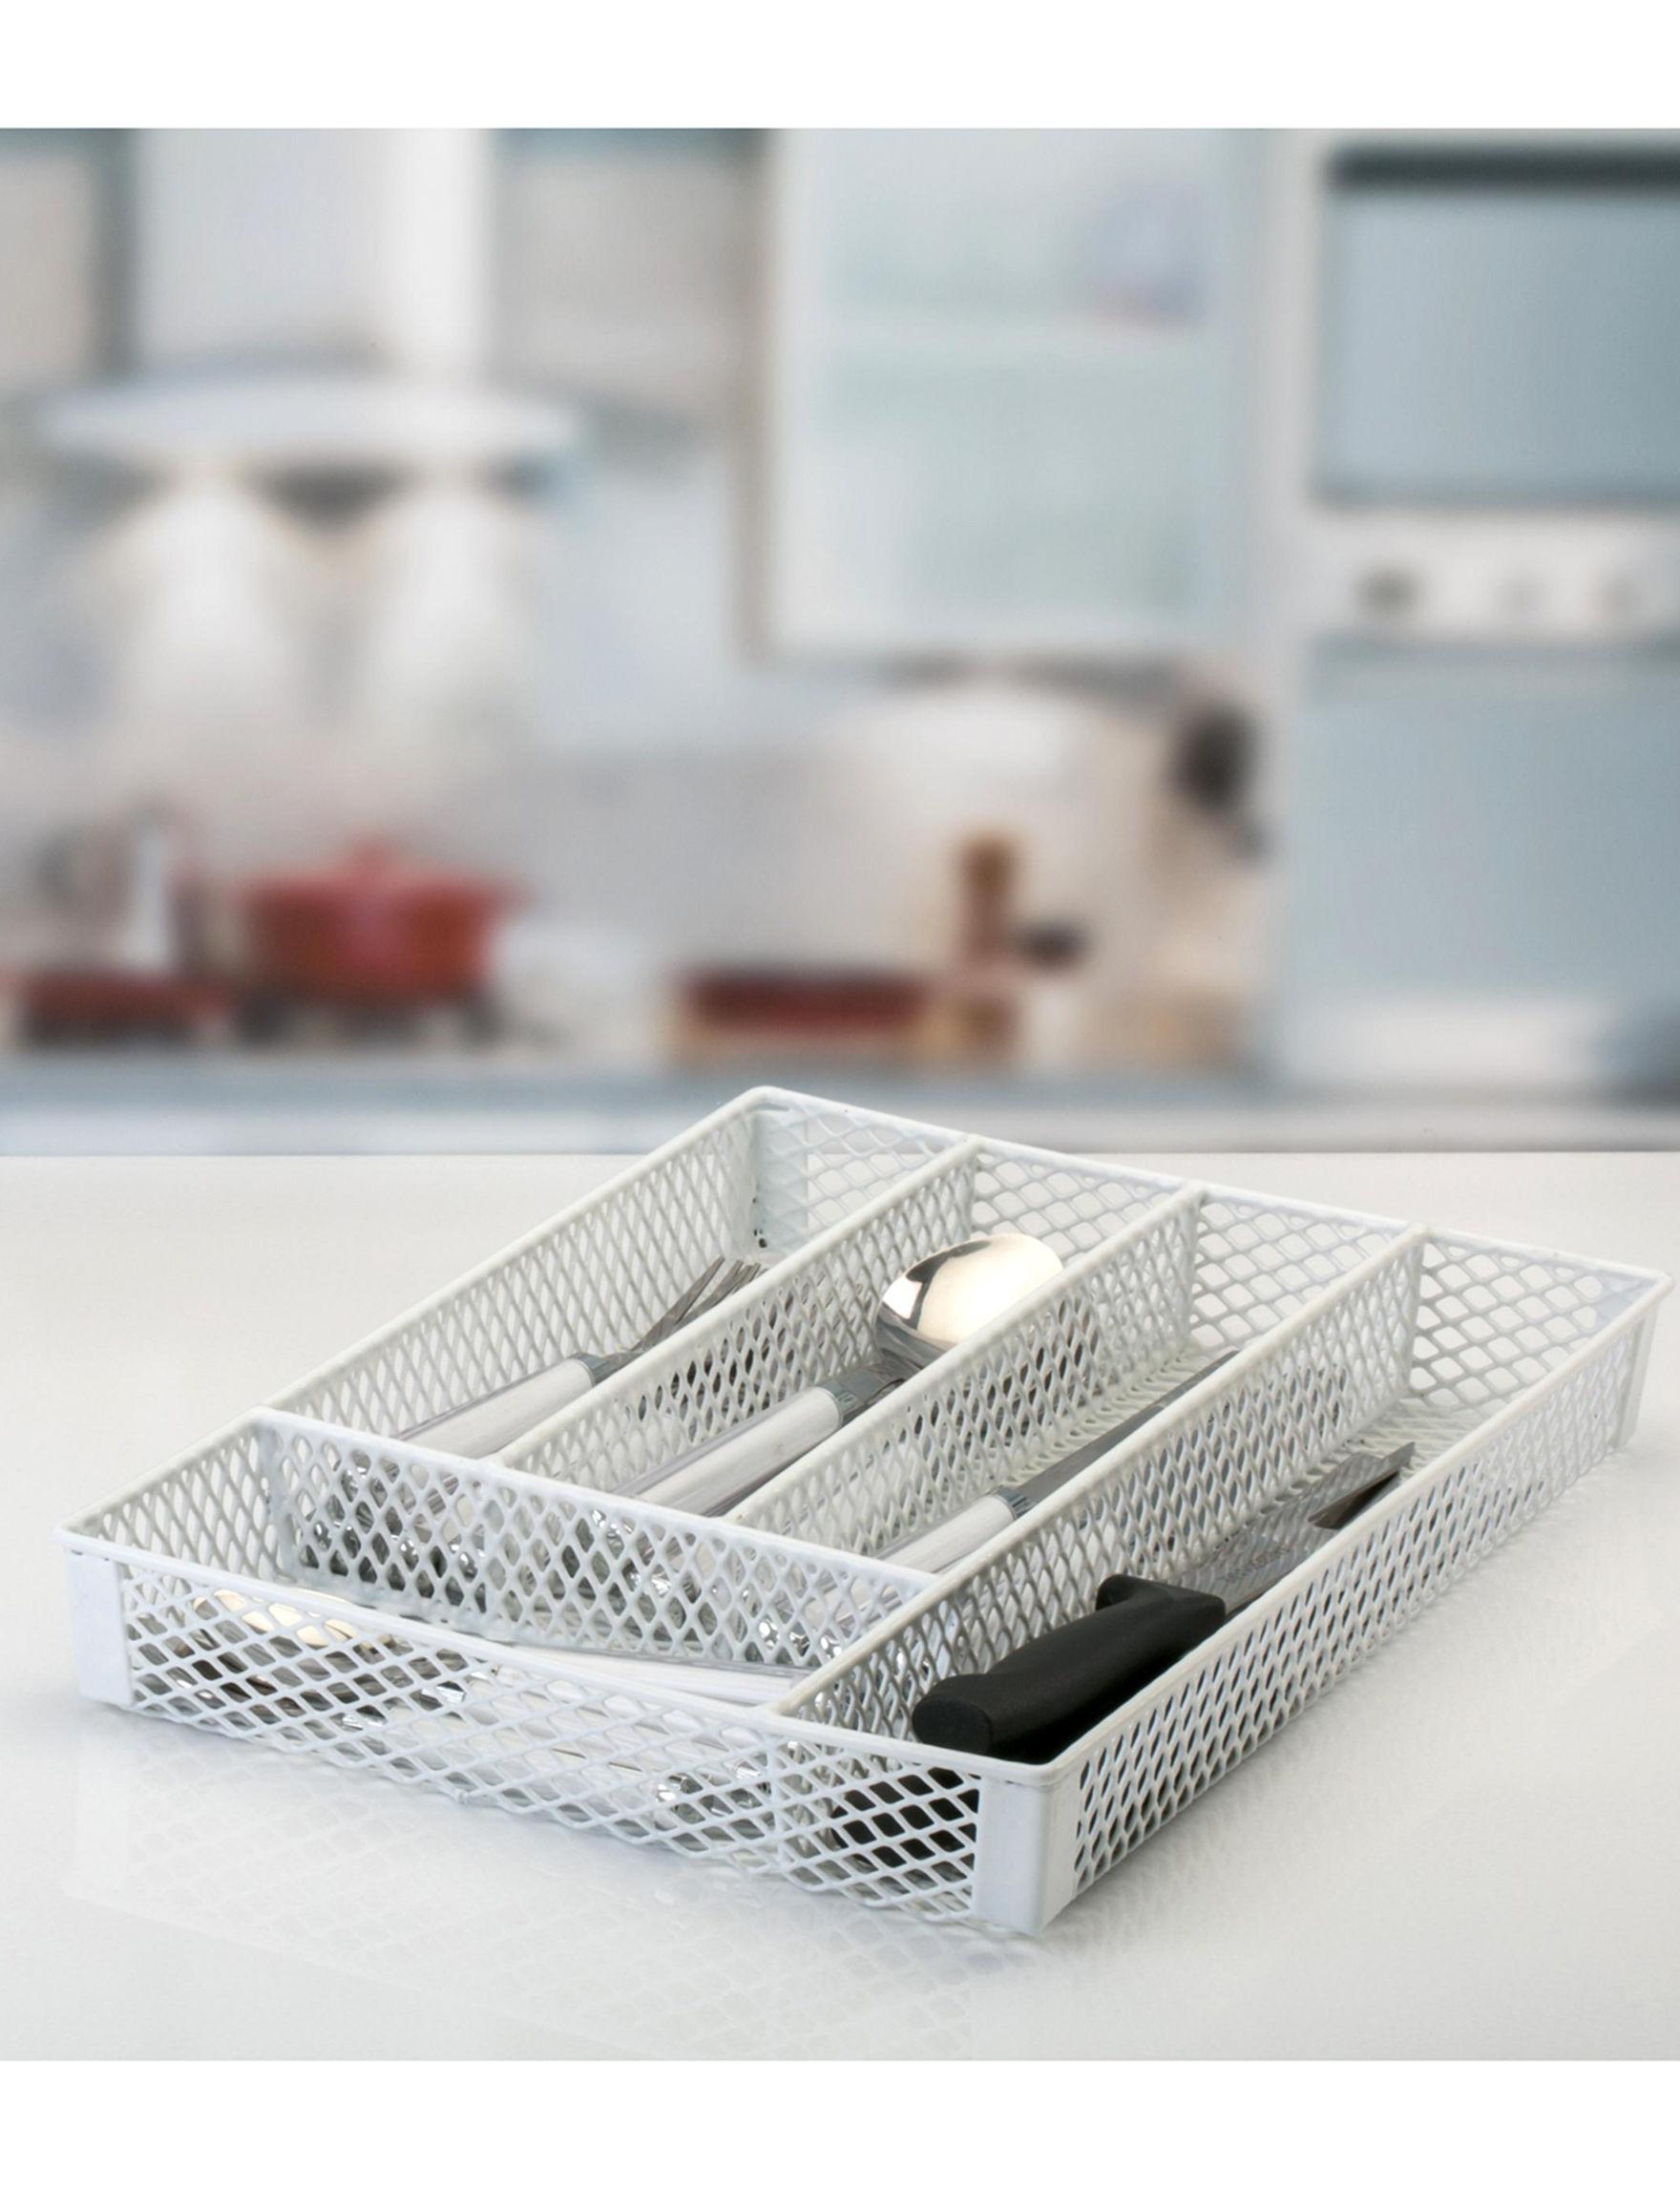 Simplify White Kitchen Storage & Organization